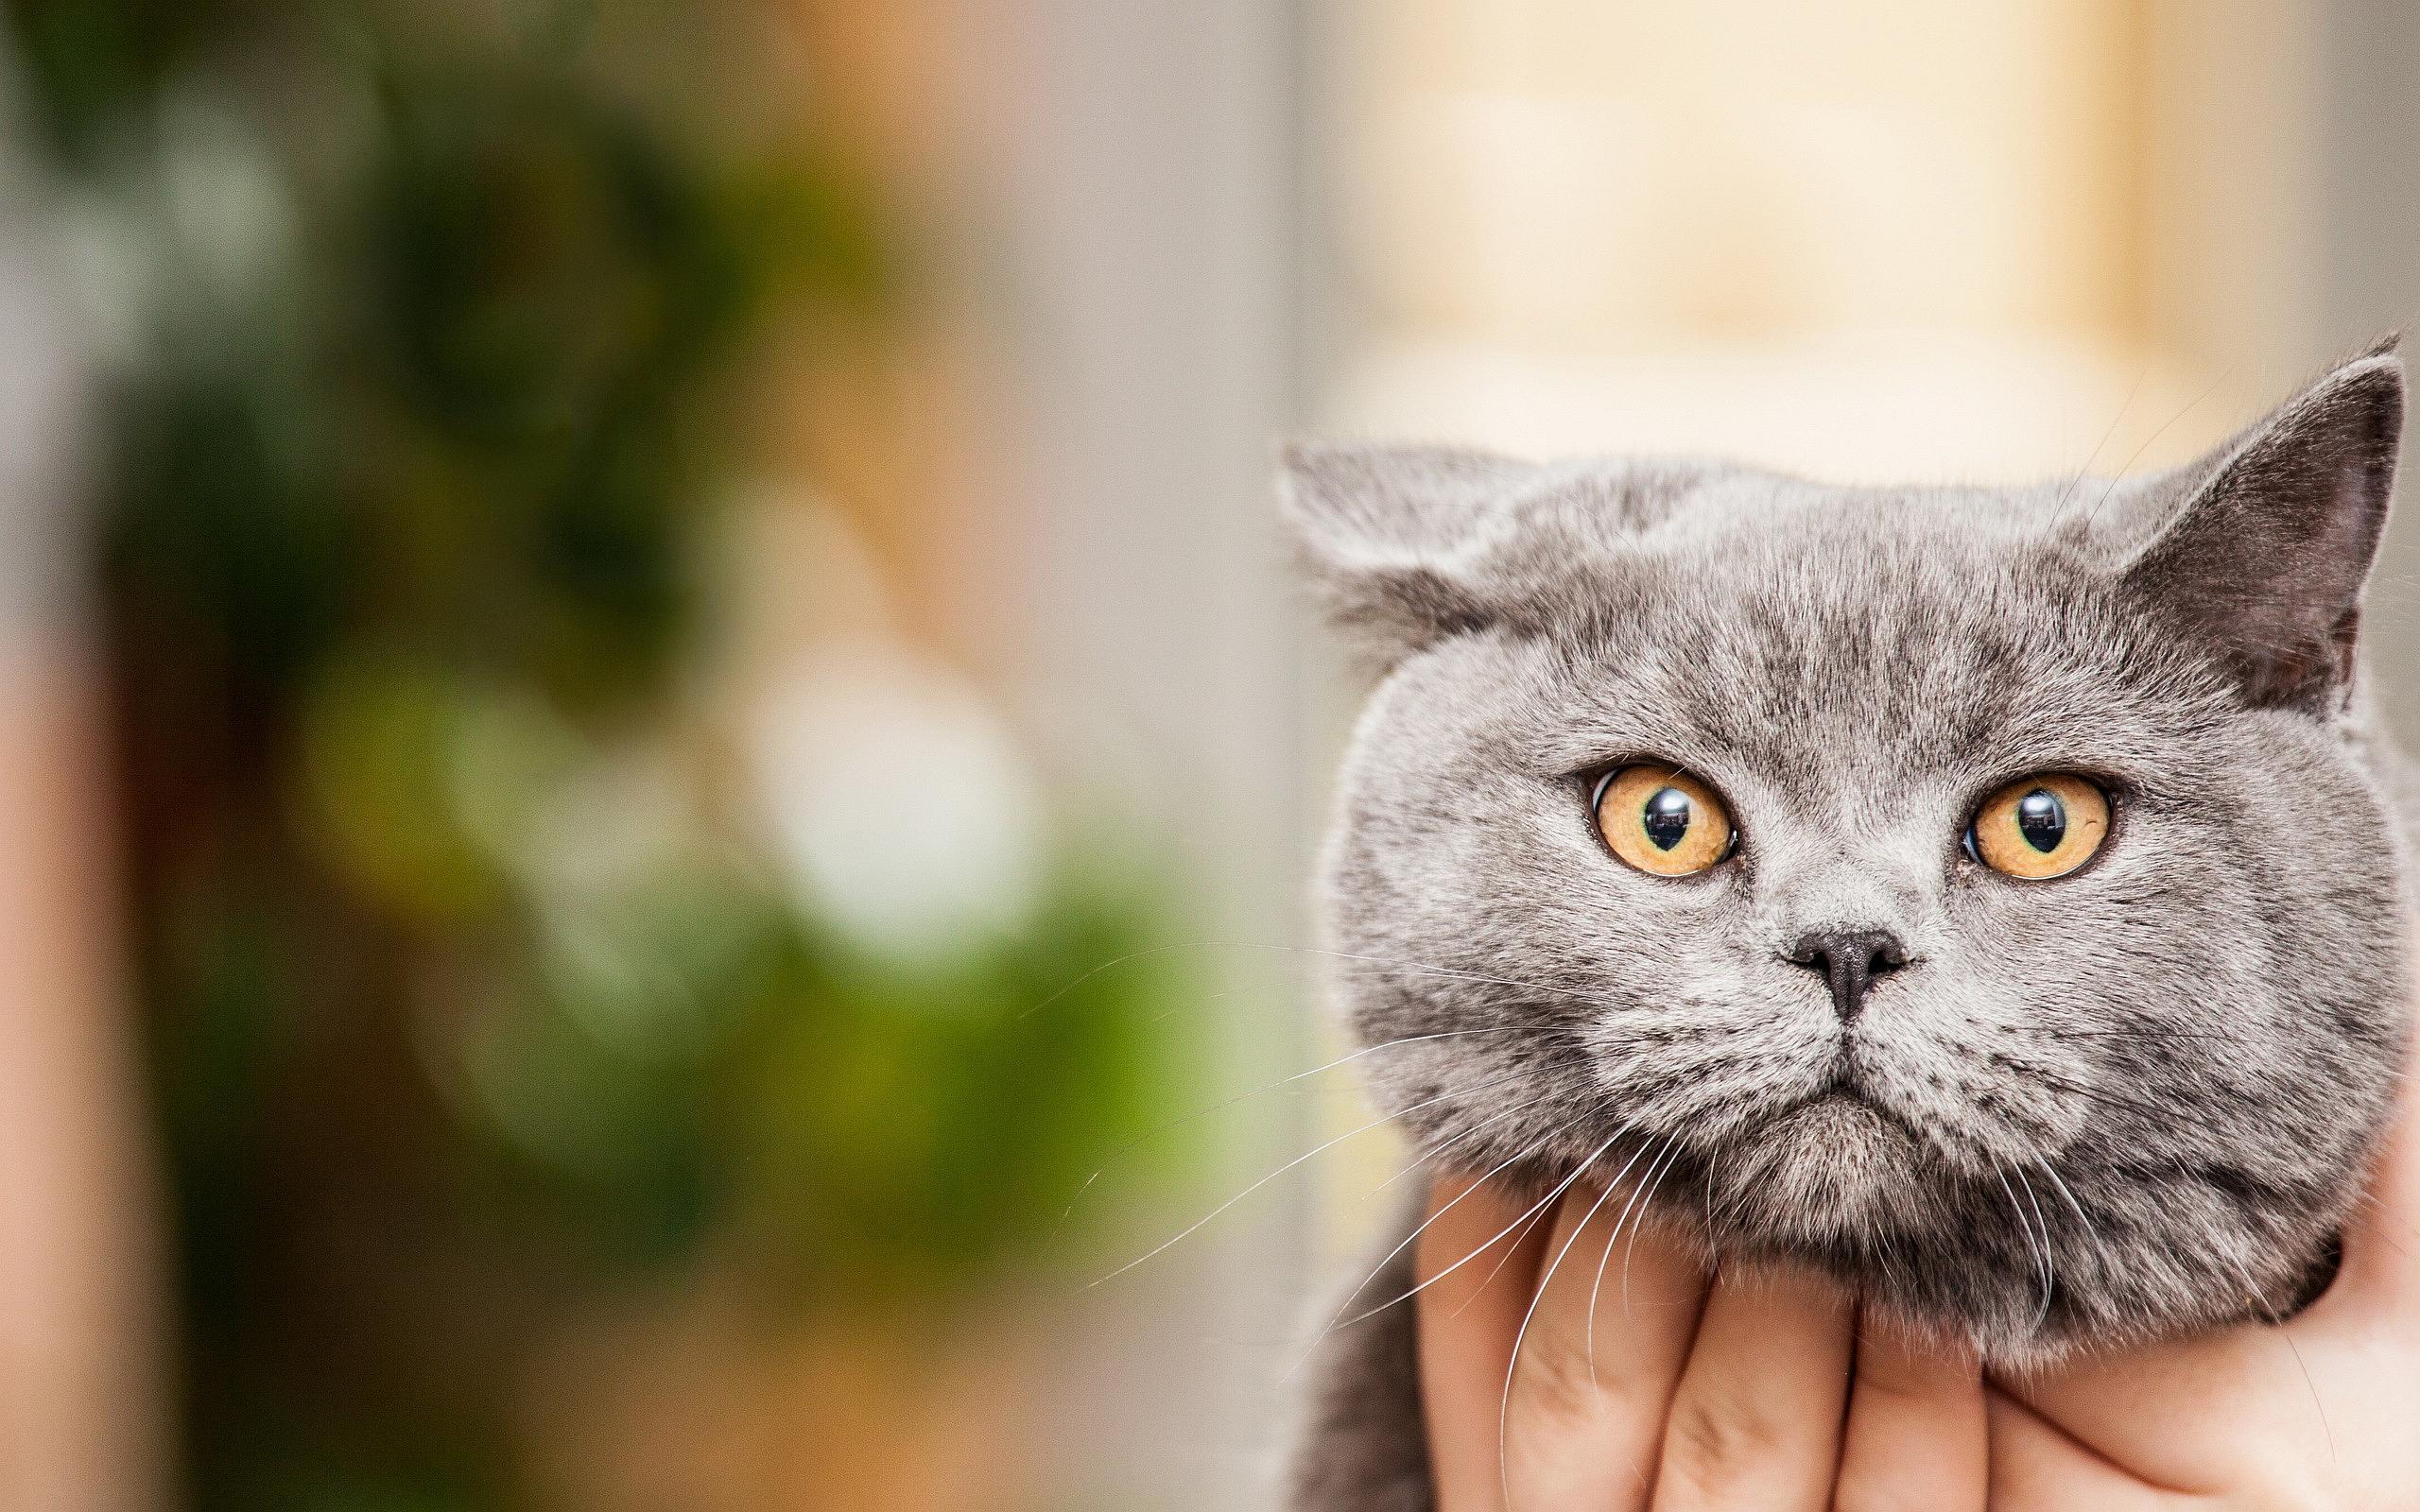 Cute Cats Wallpapers Hd Hd Desktop Wallpapers 4k Hd